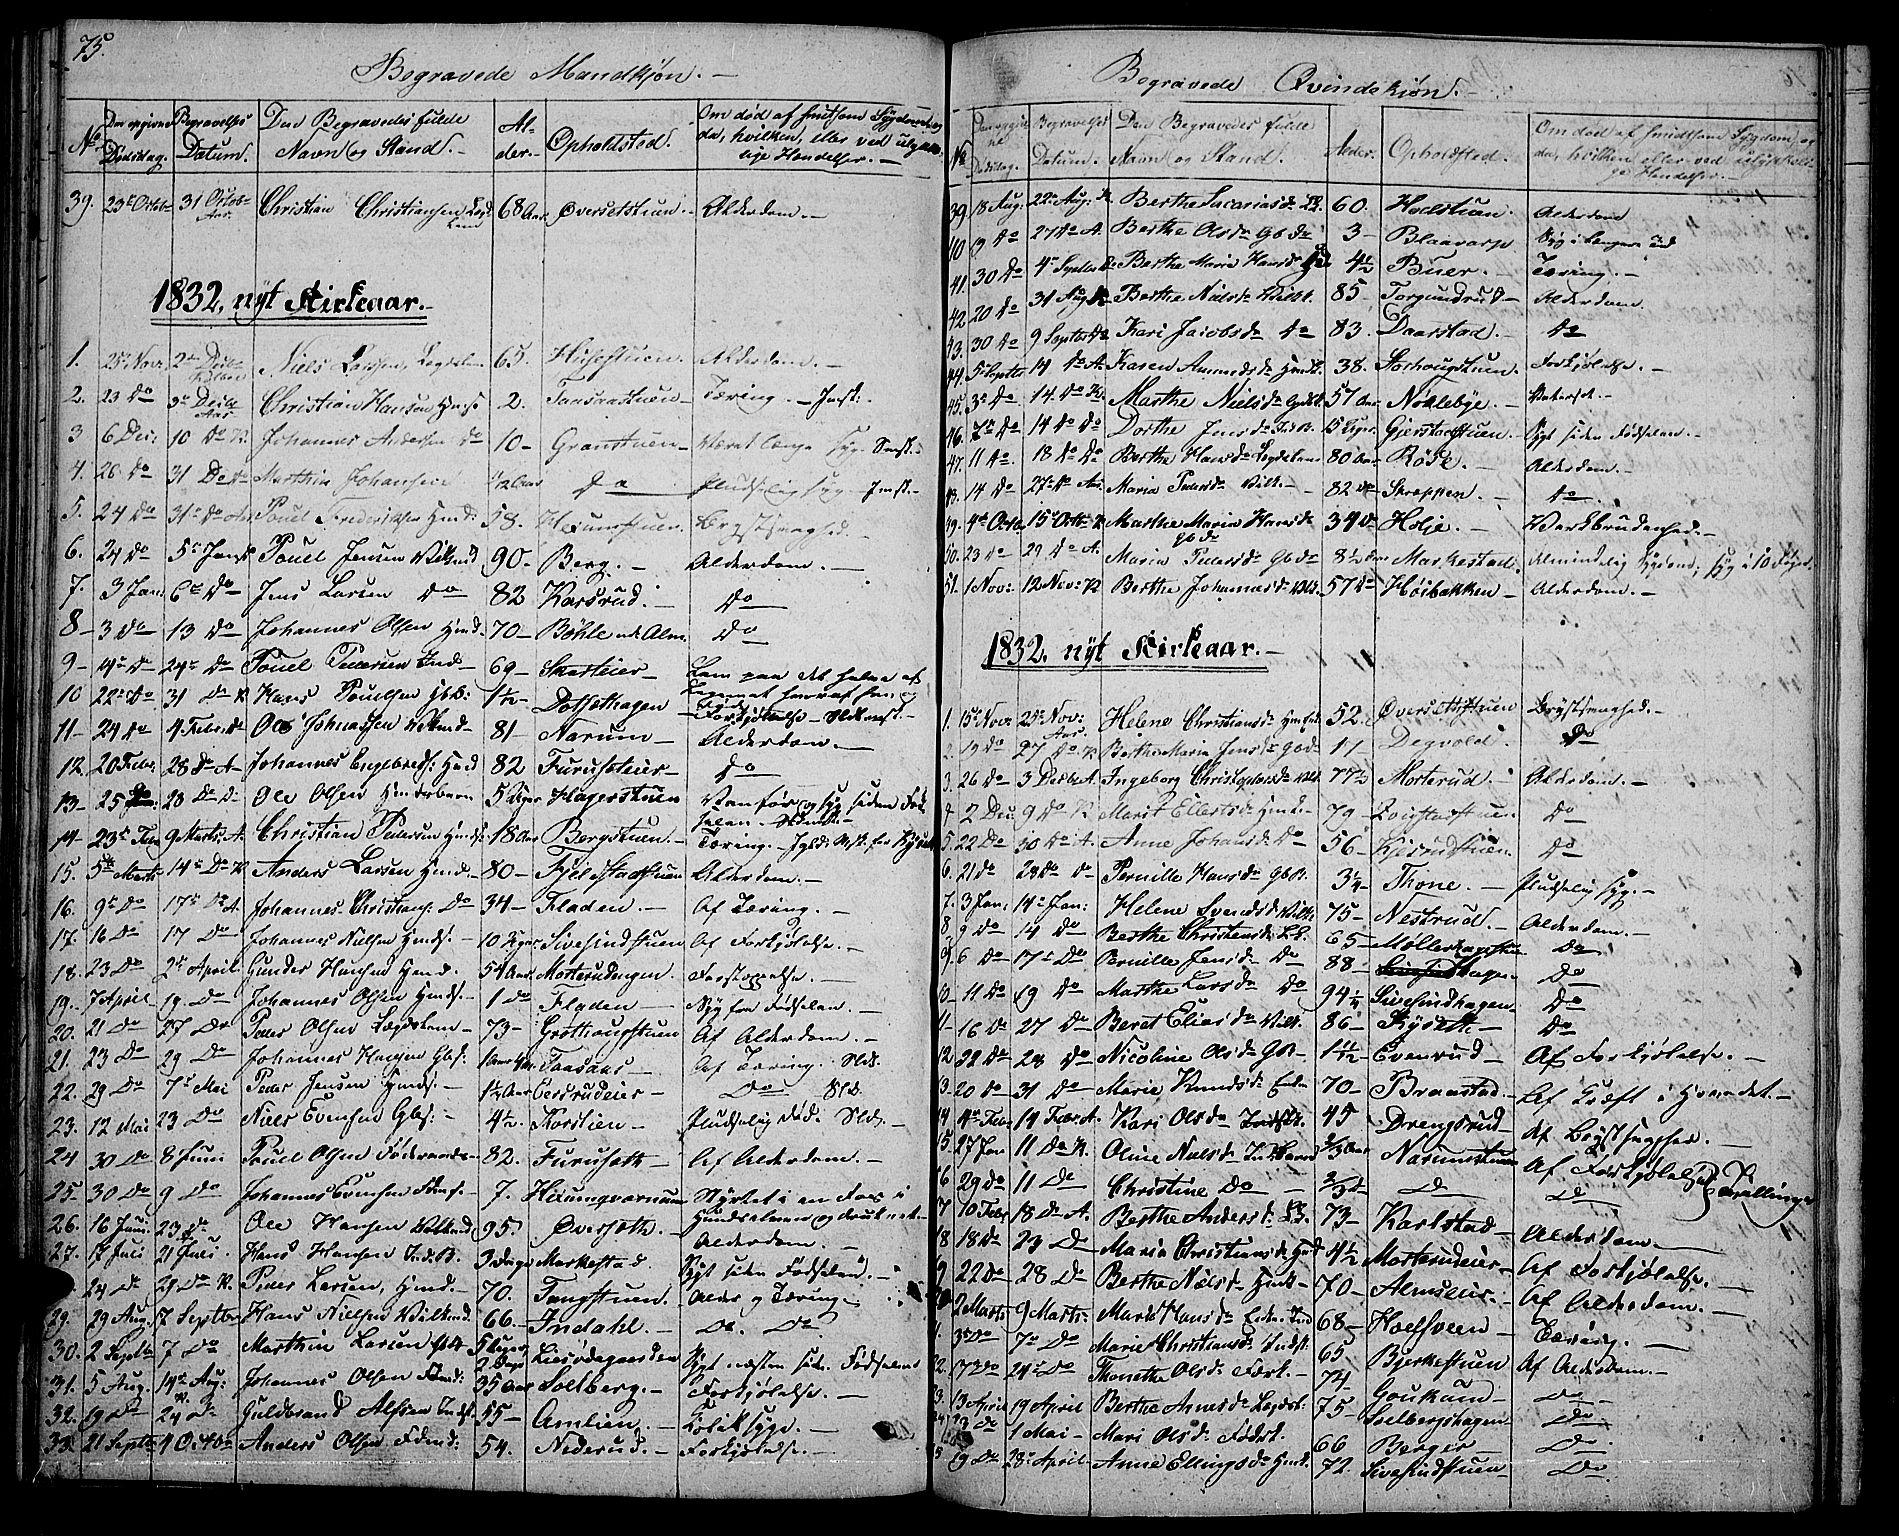 SAH, Vestre Toten prestekontor, H/Ha/Hab/L0001: Klokkerbok nr. 1, 1830-1836, s. 75